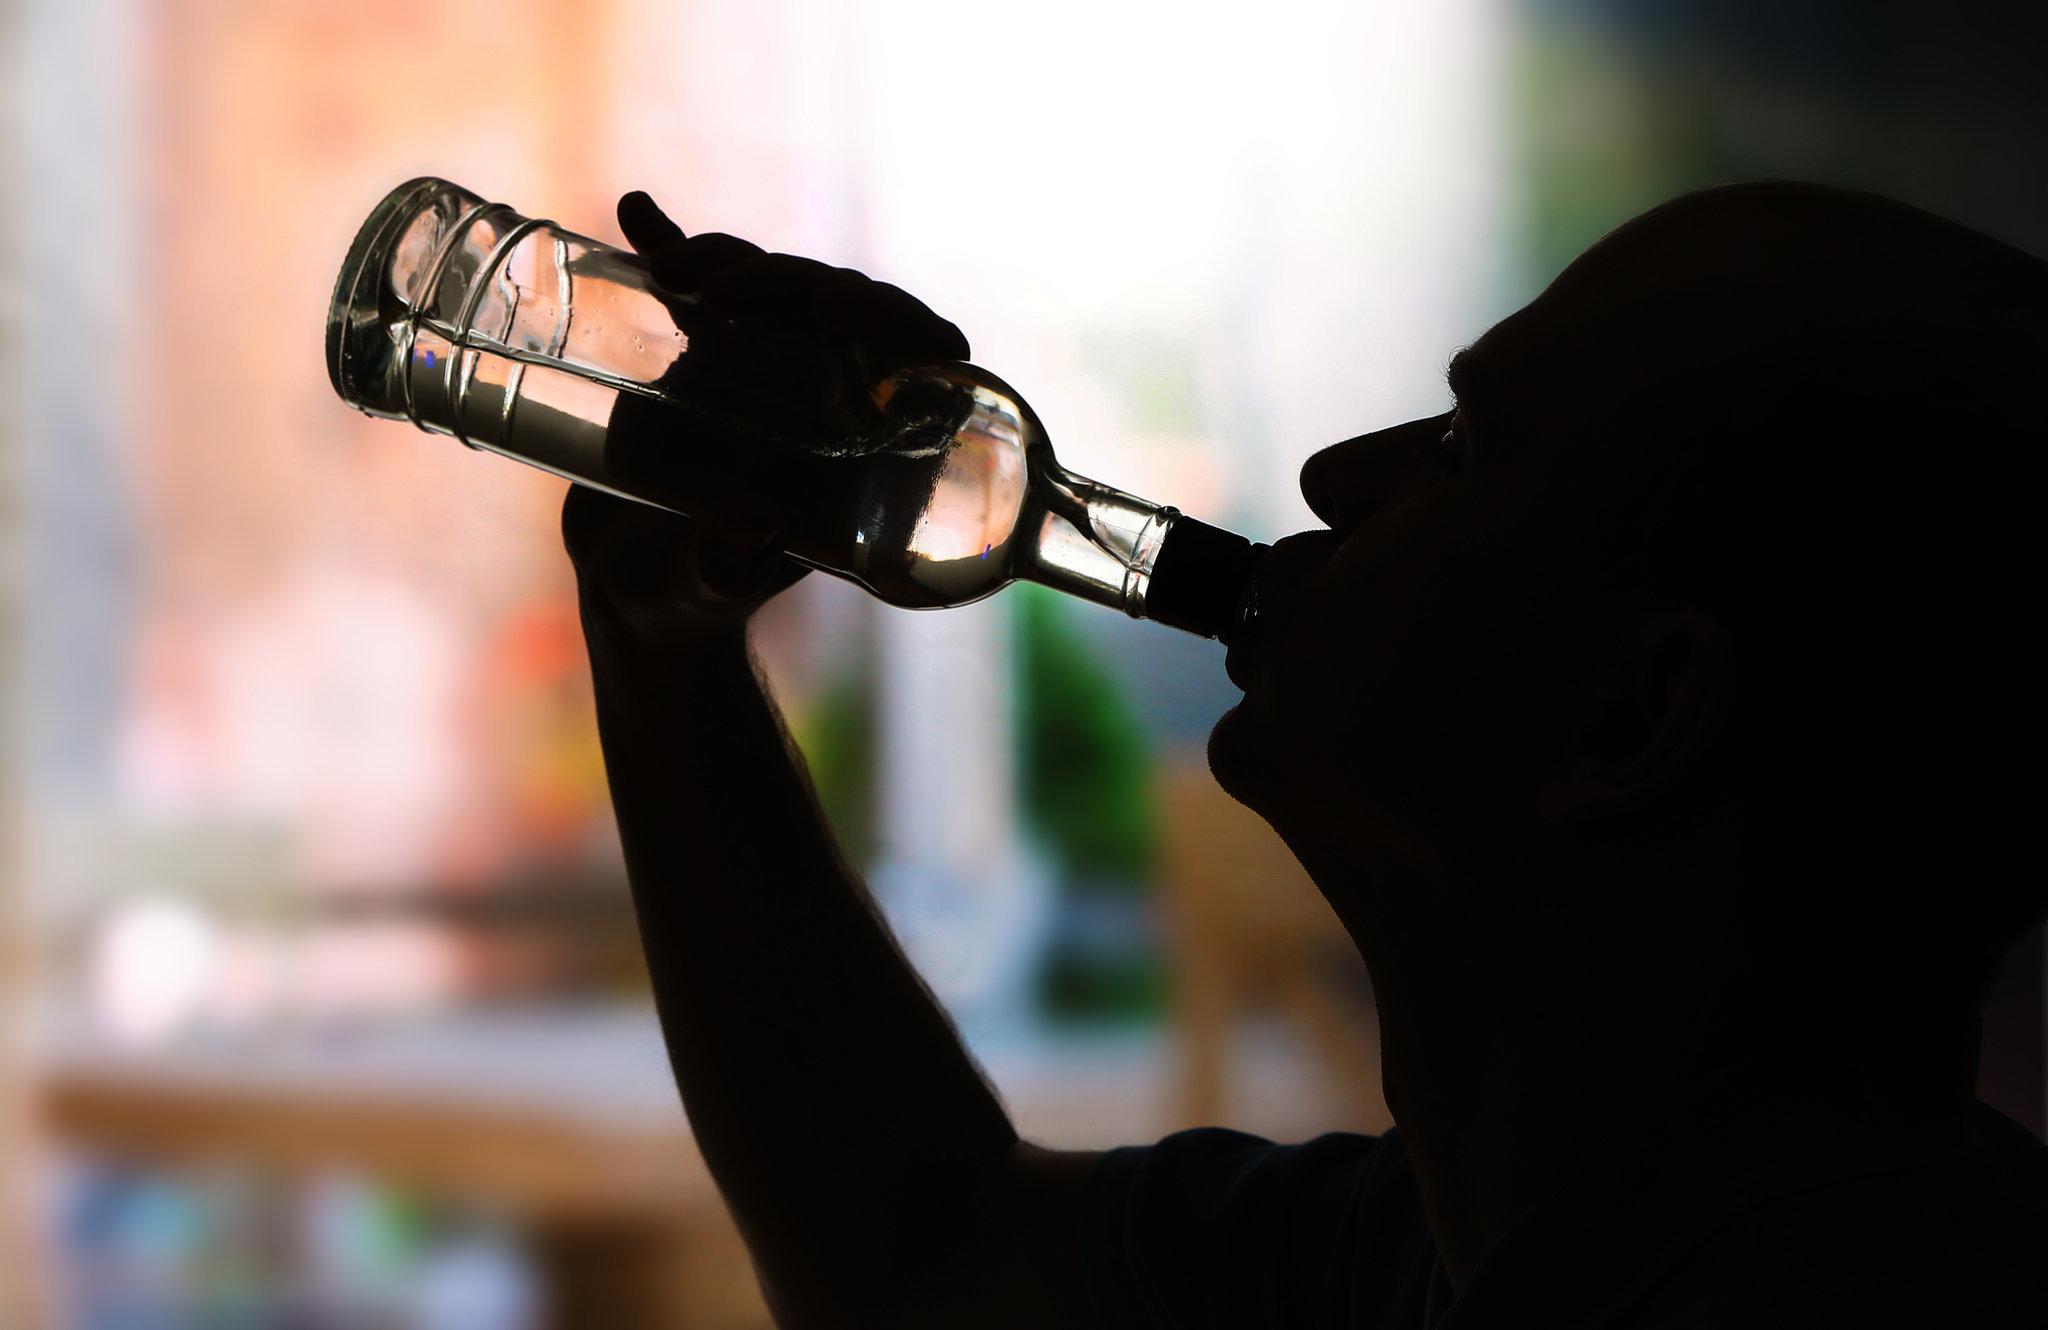 Количество верящих в безвредность алкоголя россиян возросло в 2,5 раза